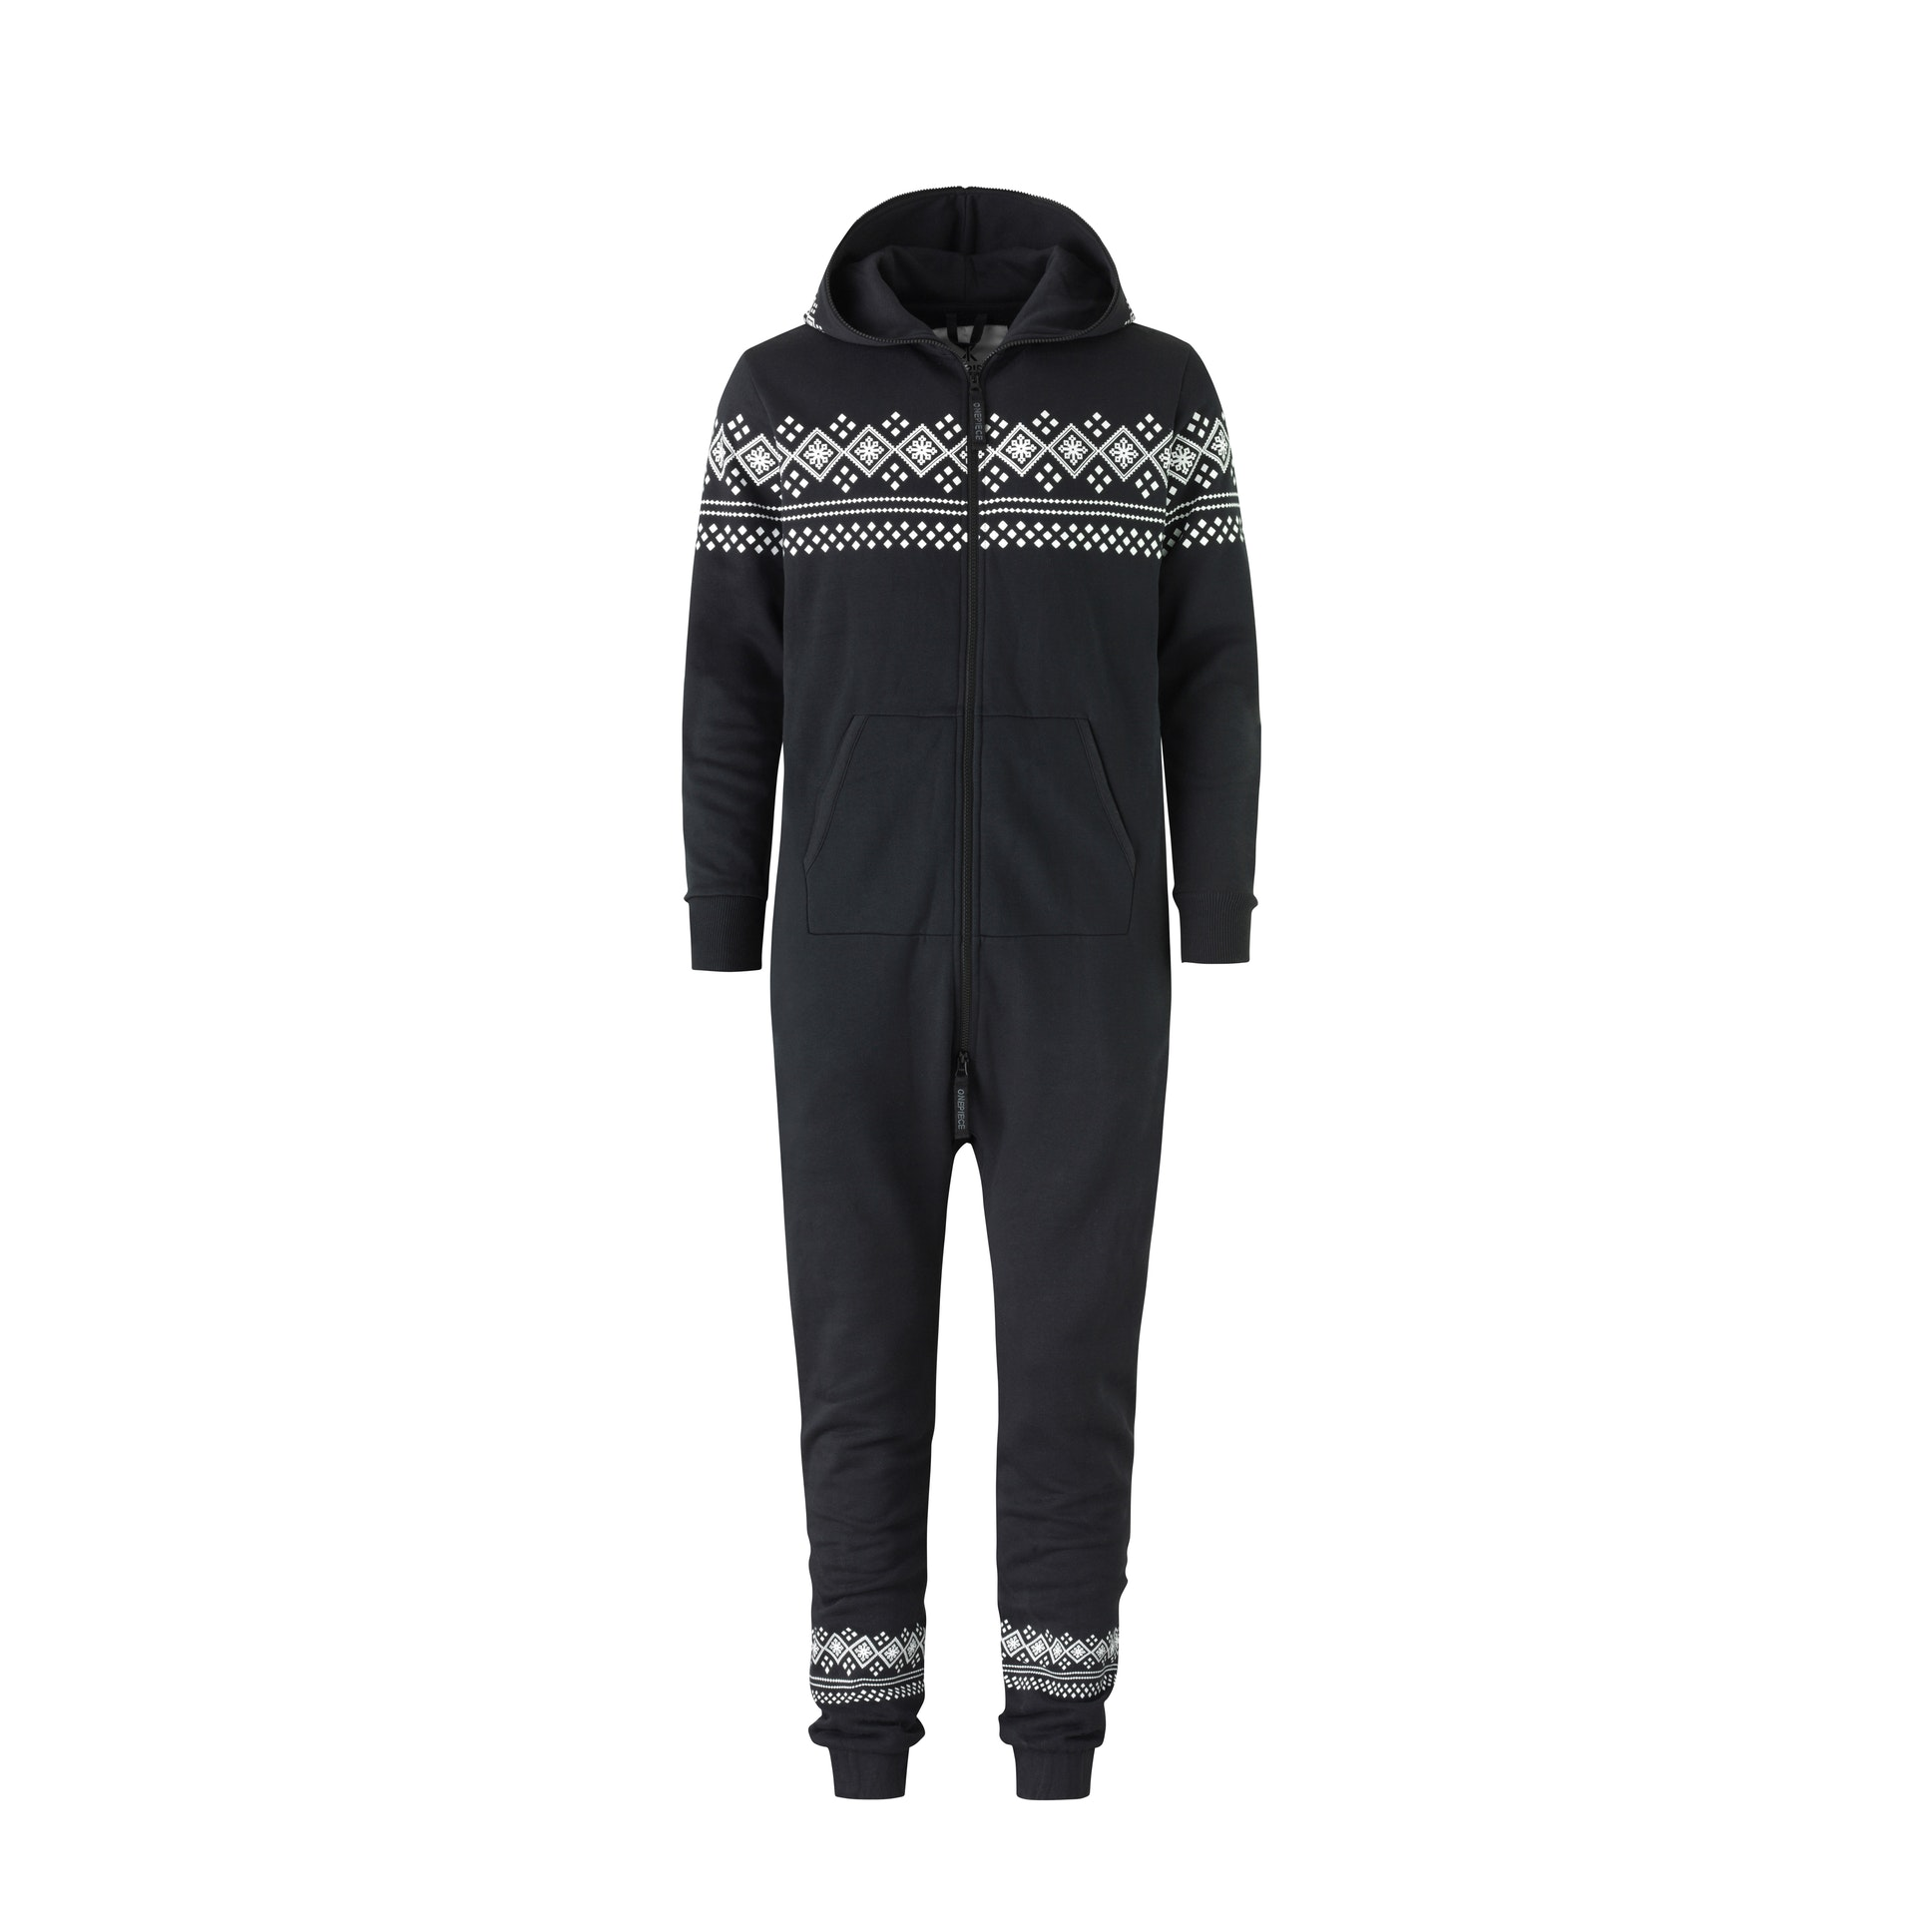 lusekofte onesie 2.0 black